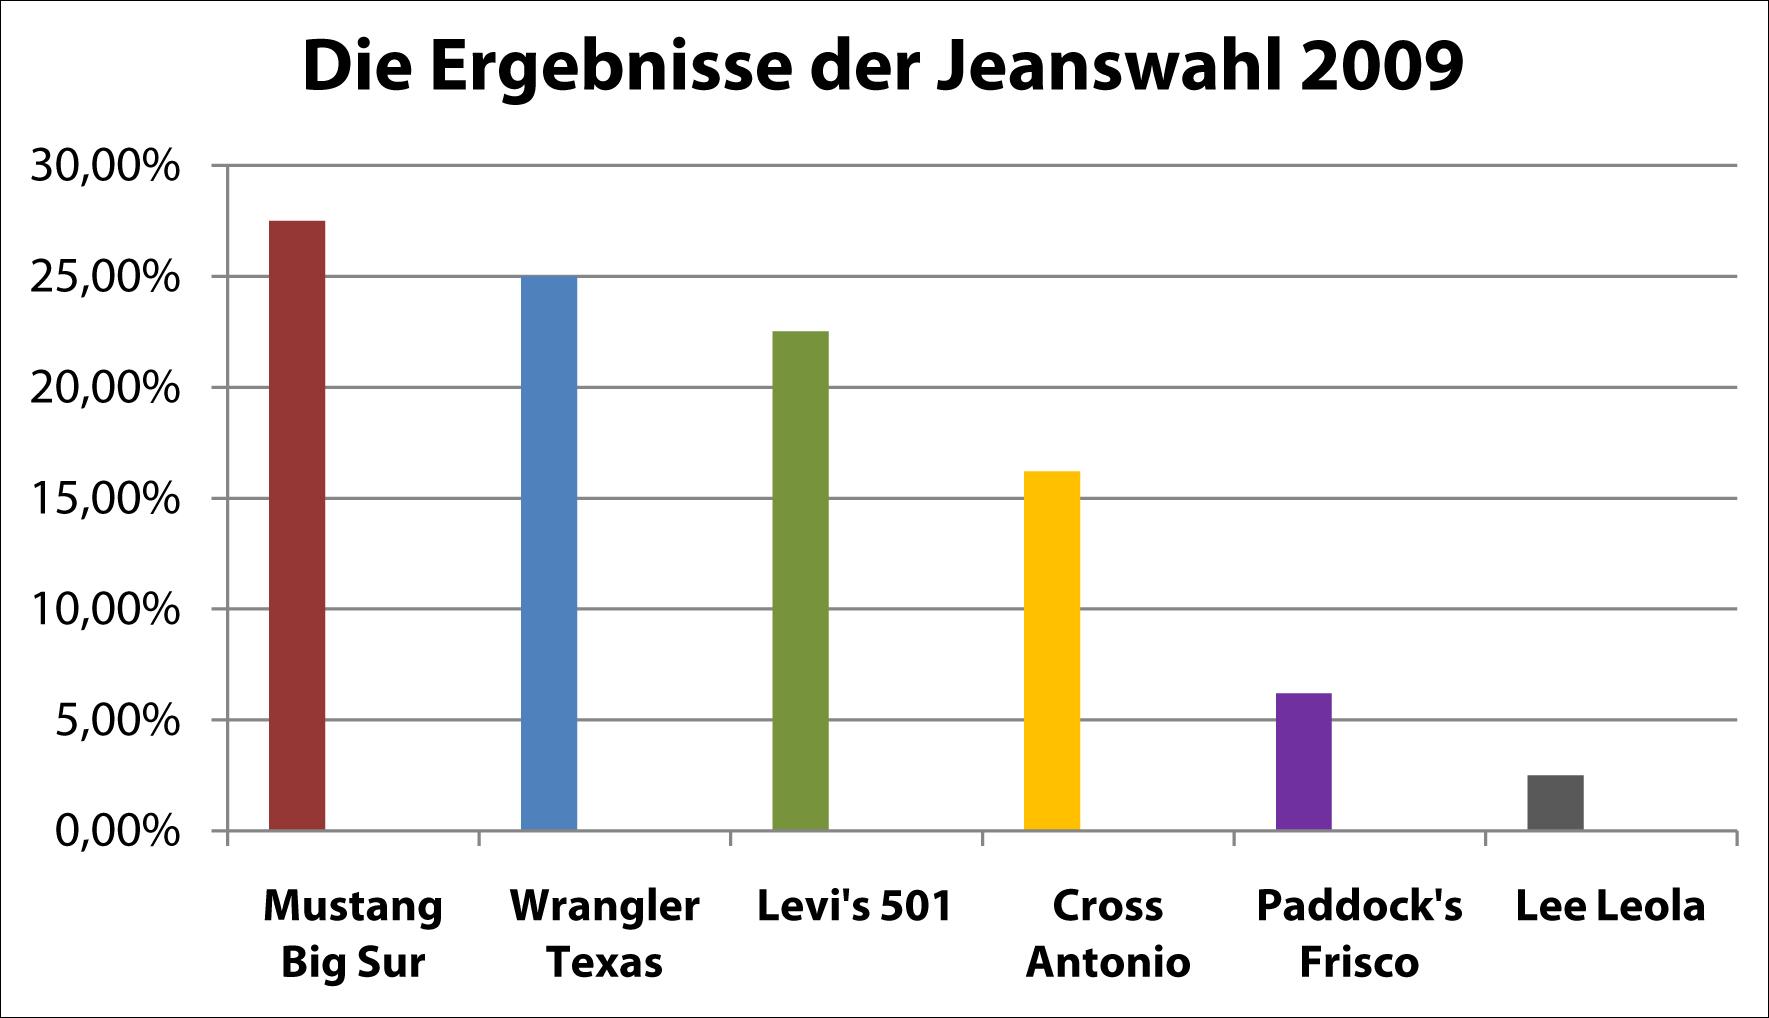 Die Ergebnisse der Jeanswahl 2009